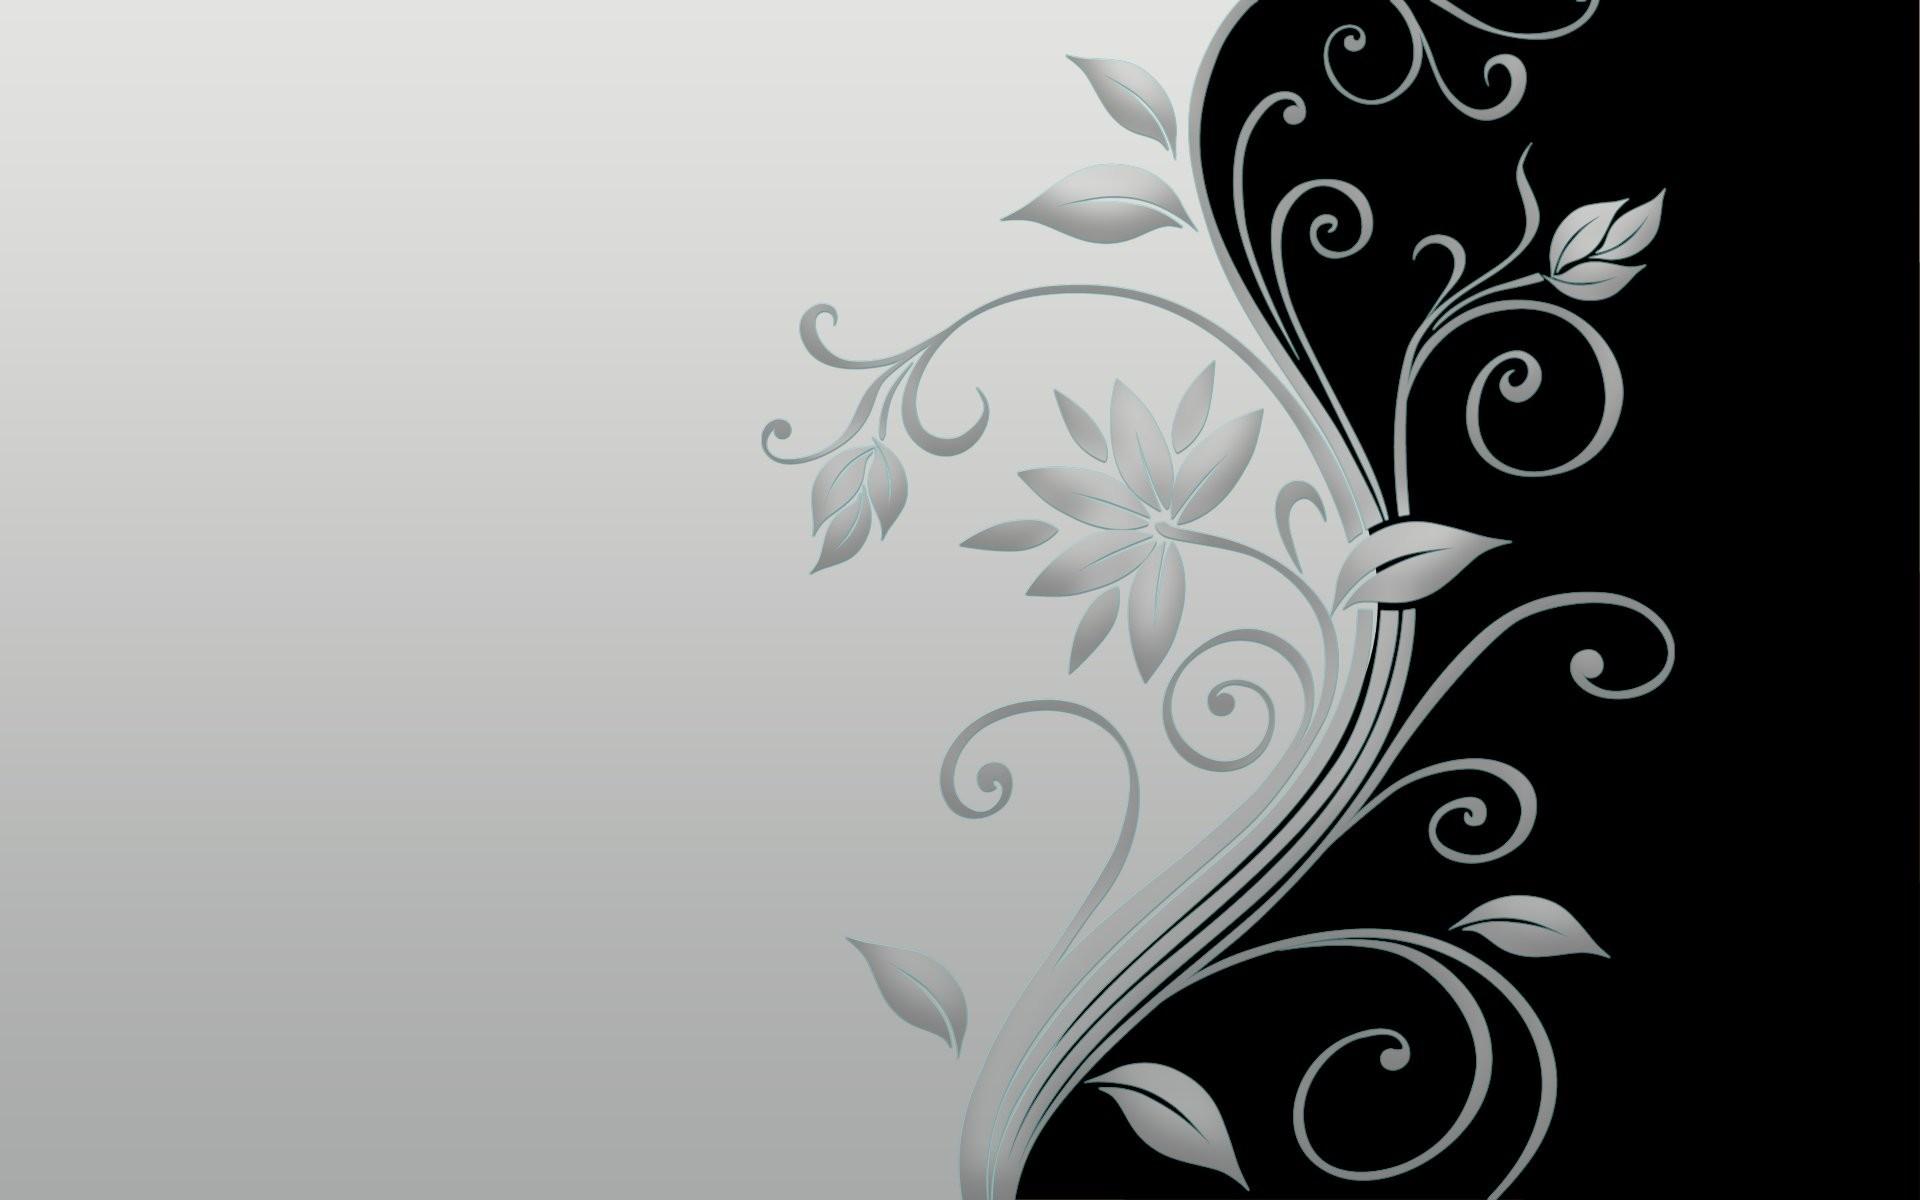 Abstract Flowers Design HD Widescreen Desktop Wallpaper   HD .